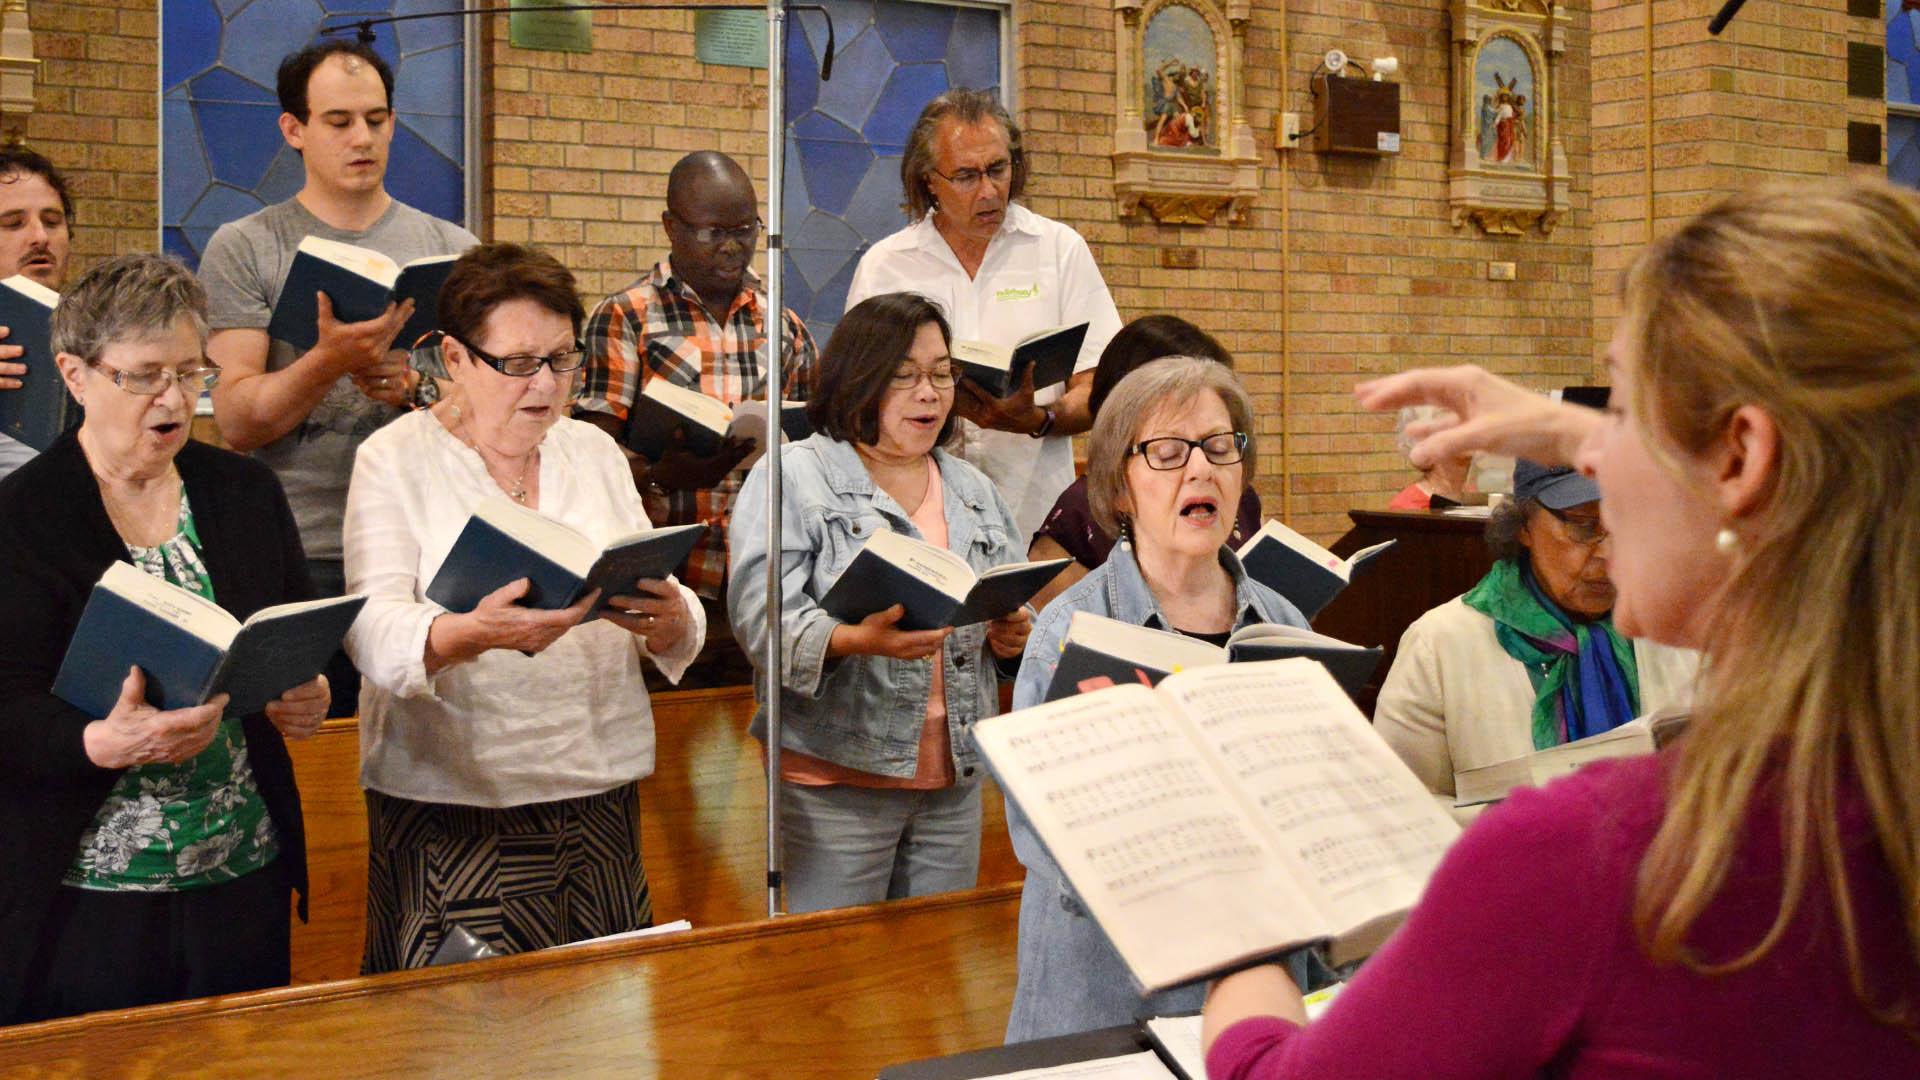 Gregorian choir practice